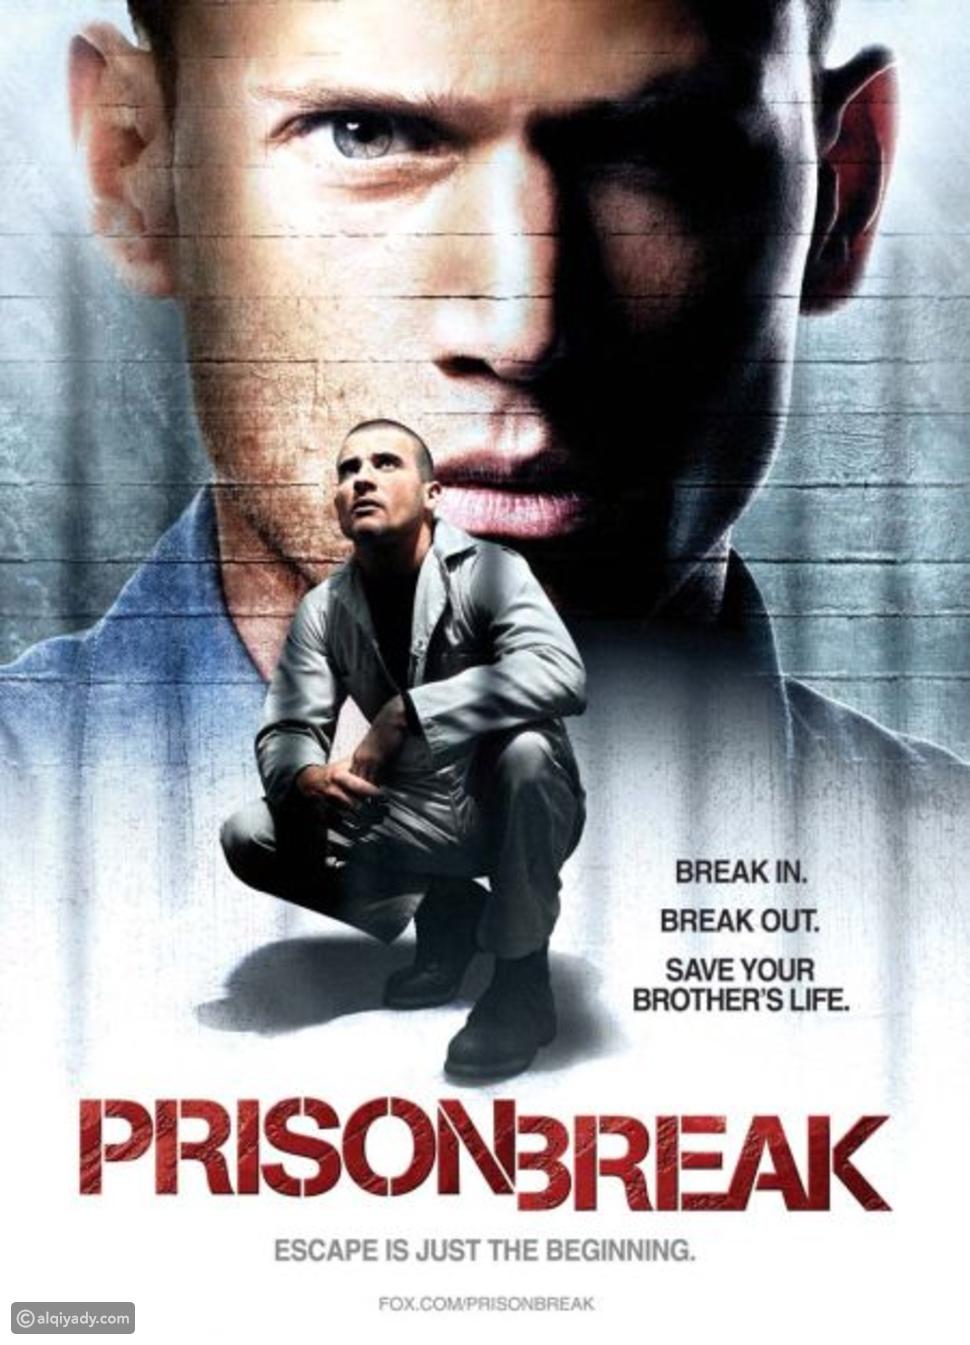 كيف تغير أبطال Prison Break بعد 15 عاماً من عرض المسلسل؟